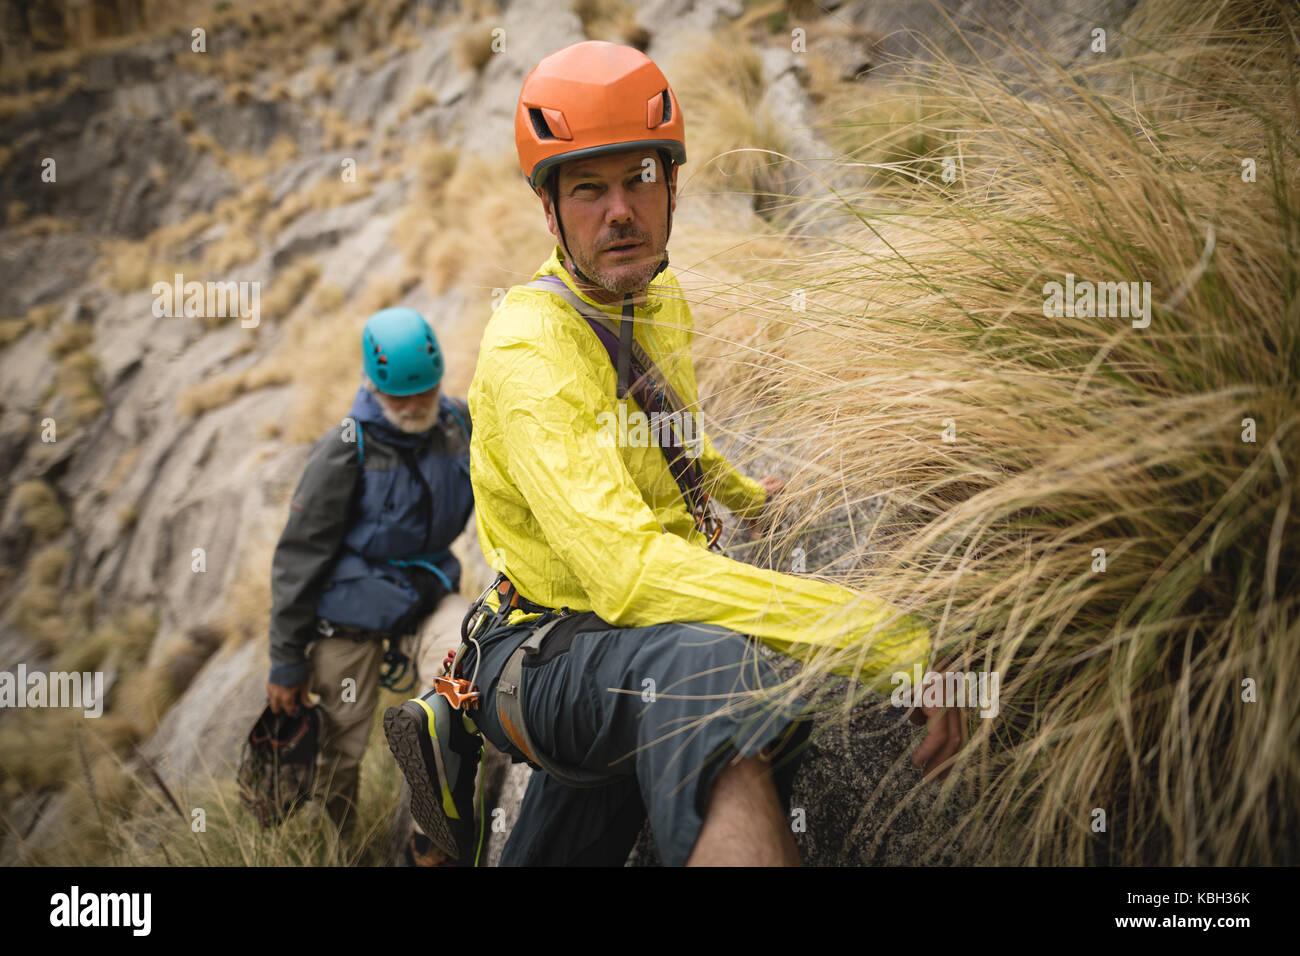 Retrato del hombre que confía montaña escalada Imagen De Stock